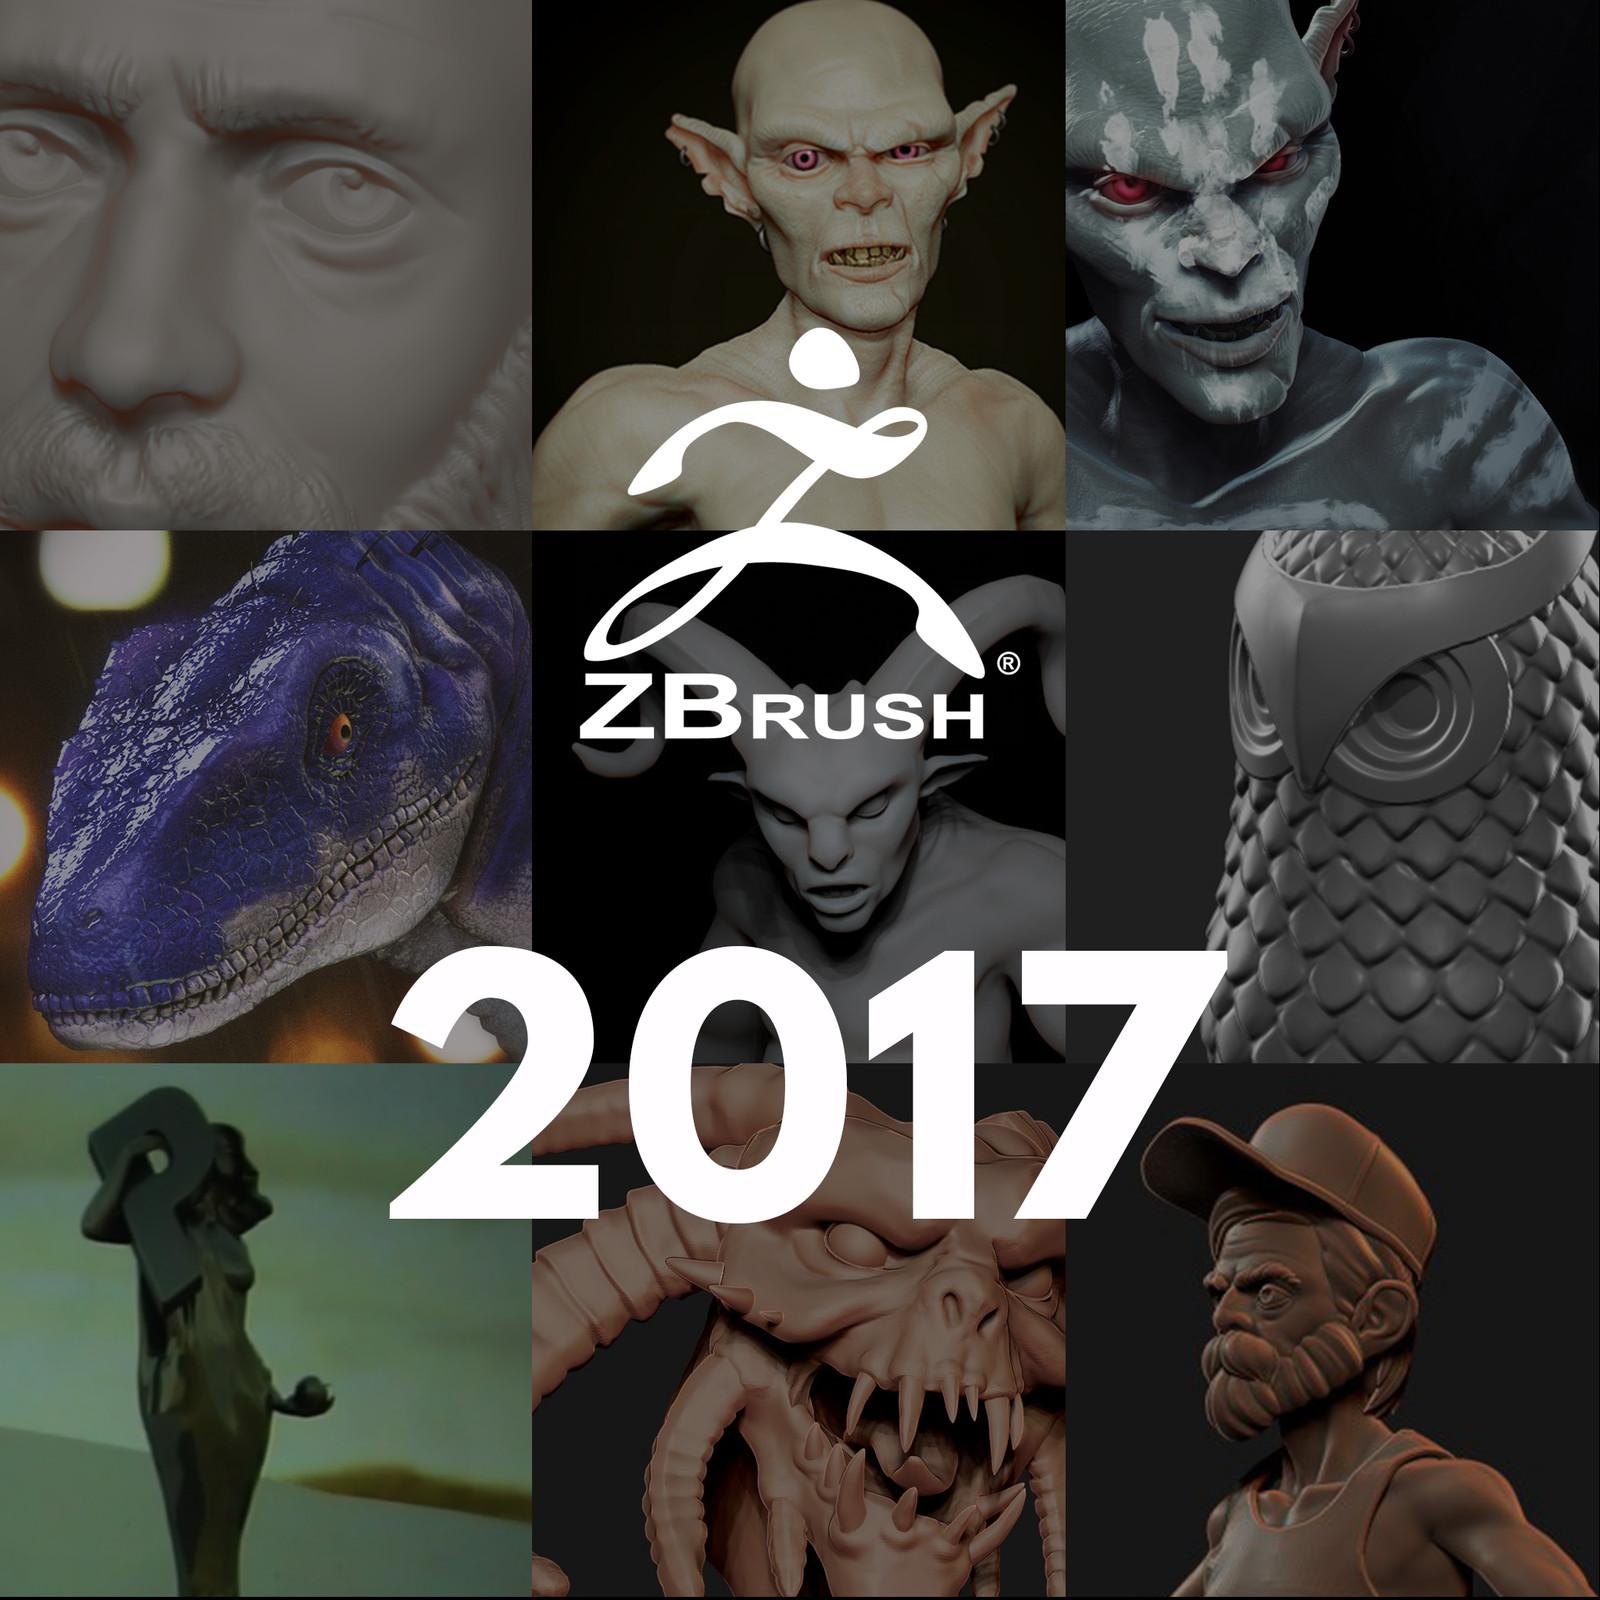 2017 Zbrush dump